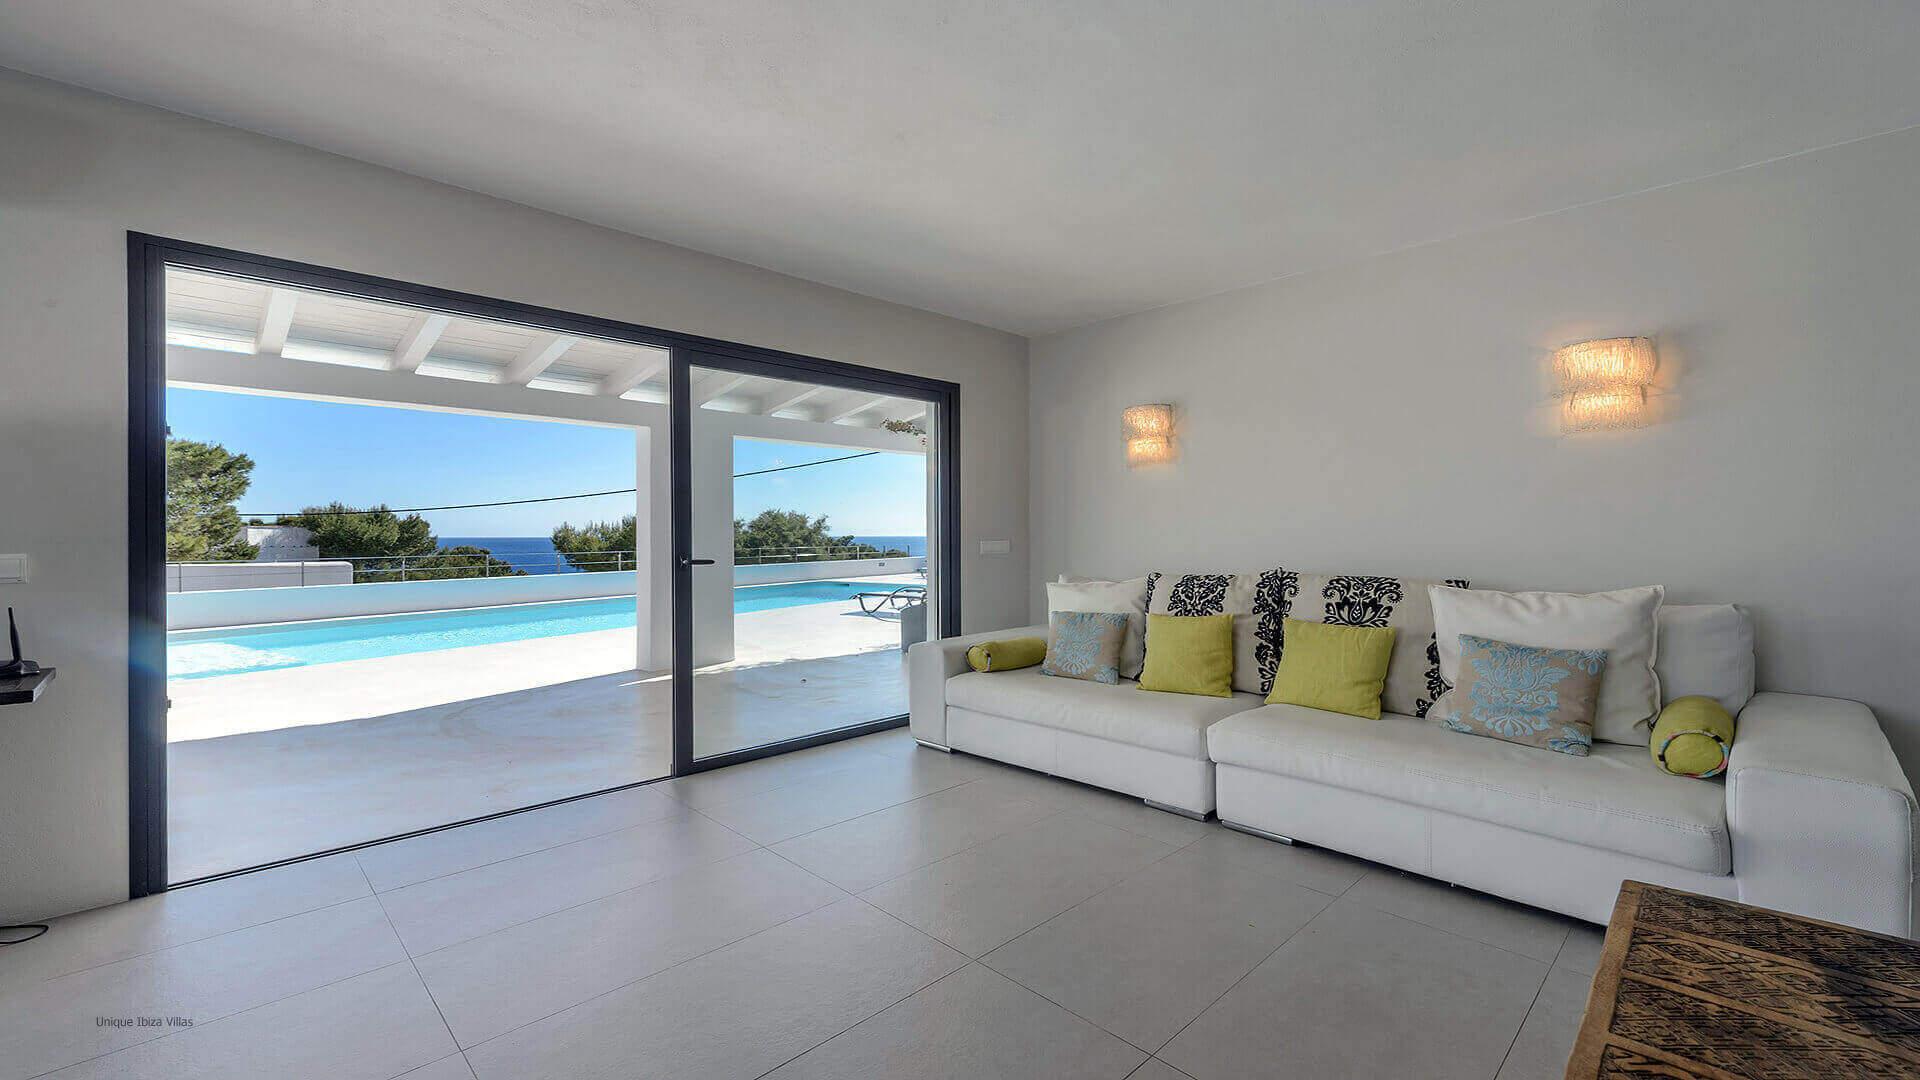 Casa Delfin Ibiza 25 Cala Codolar